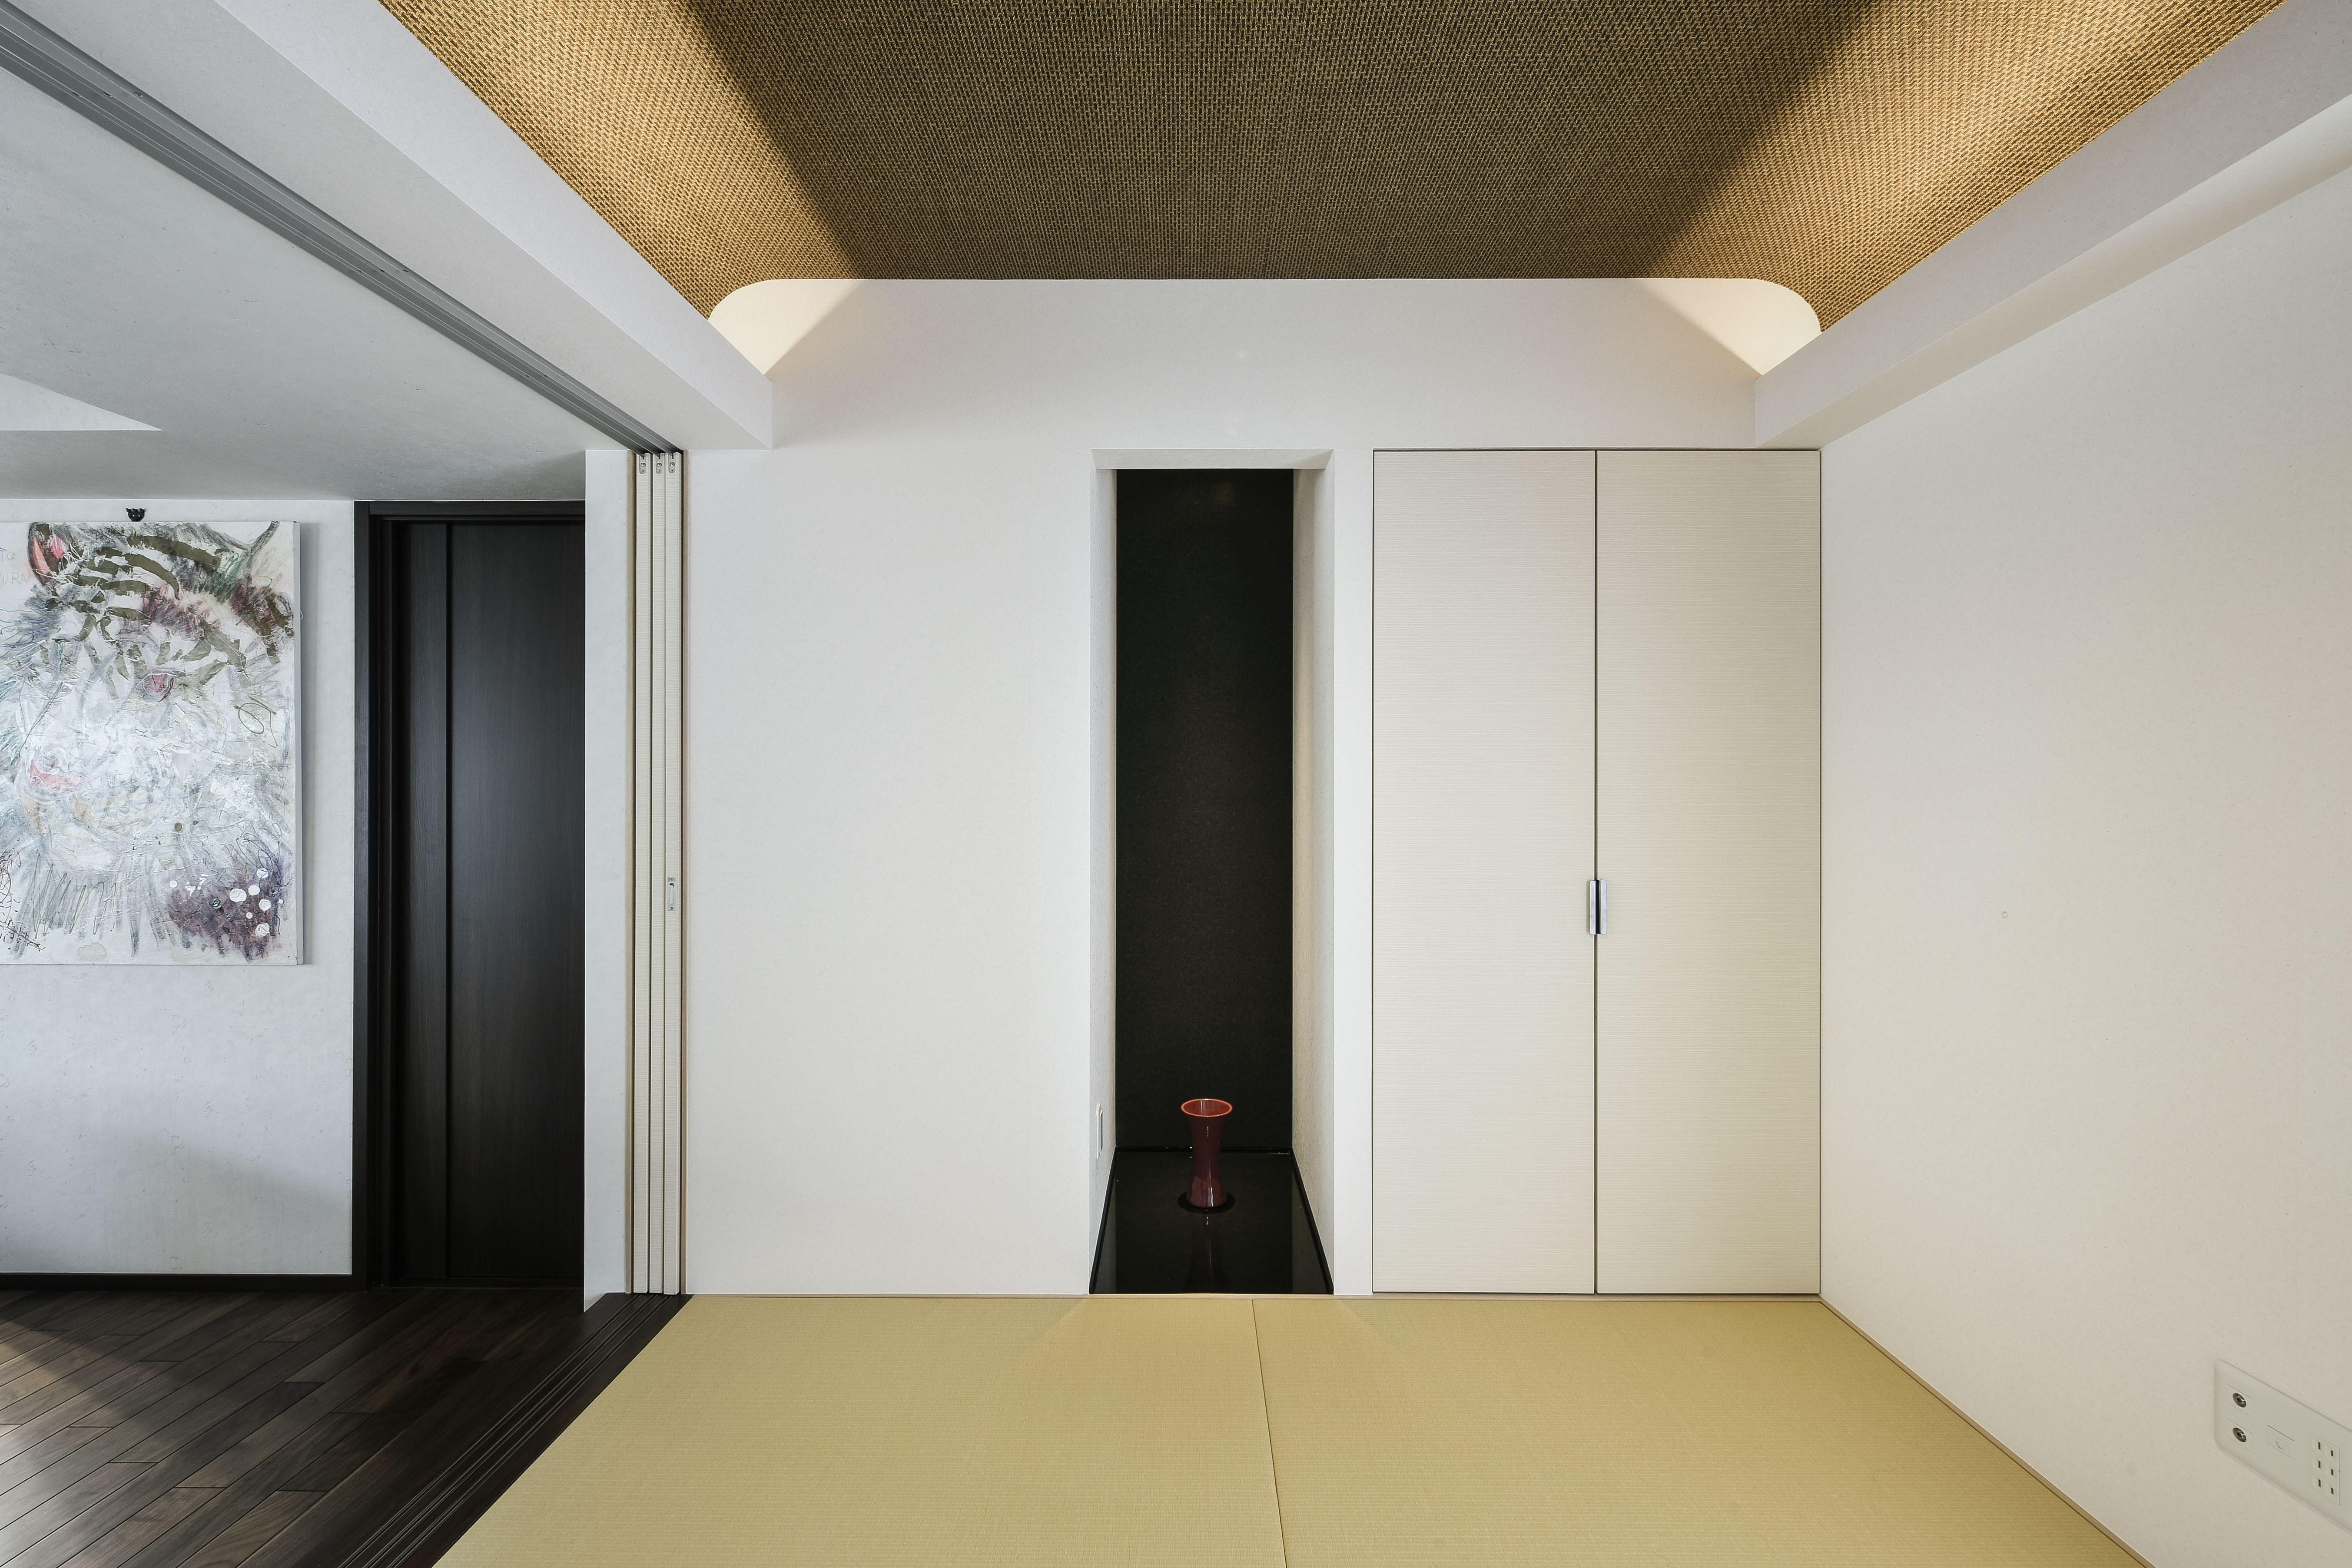 その他事例:小上がりの和室(中古マンションを購入してリフォーム。木やタイルの素材感を活かした空間を実現。)